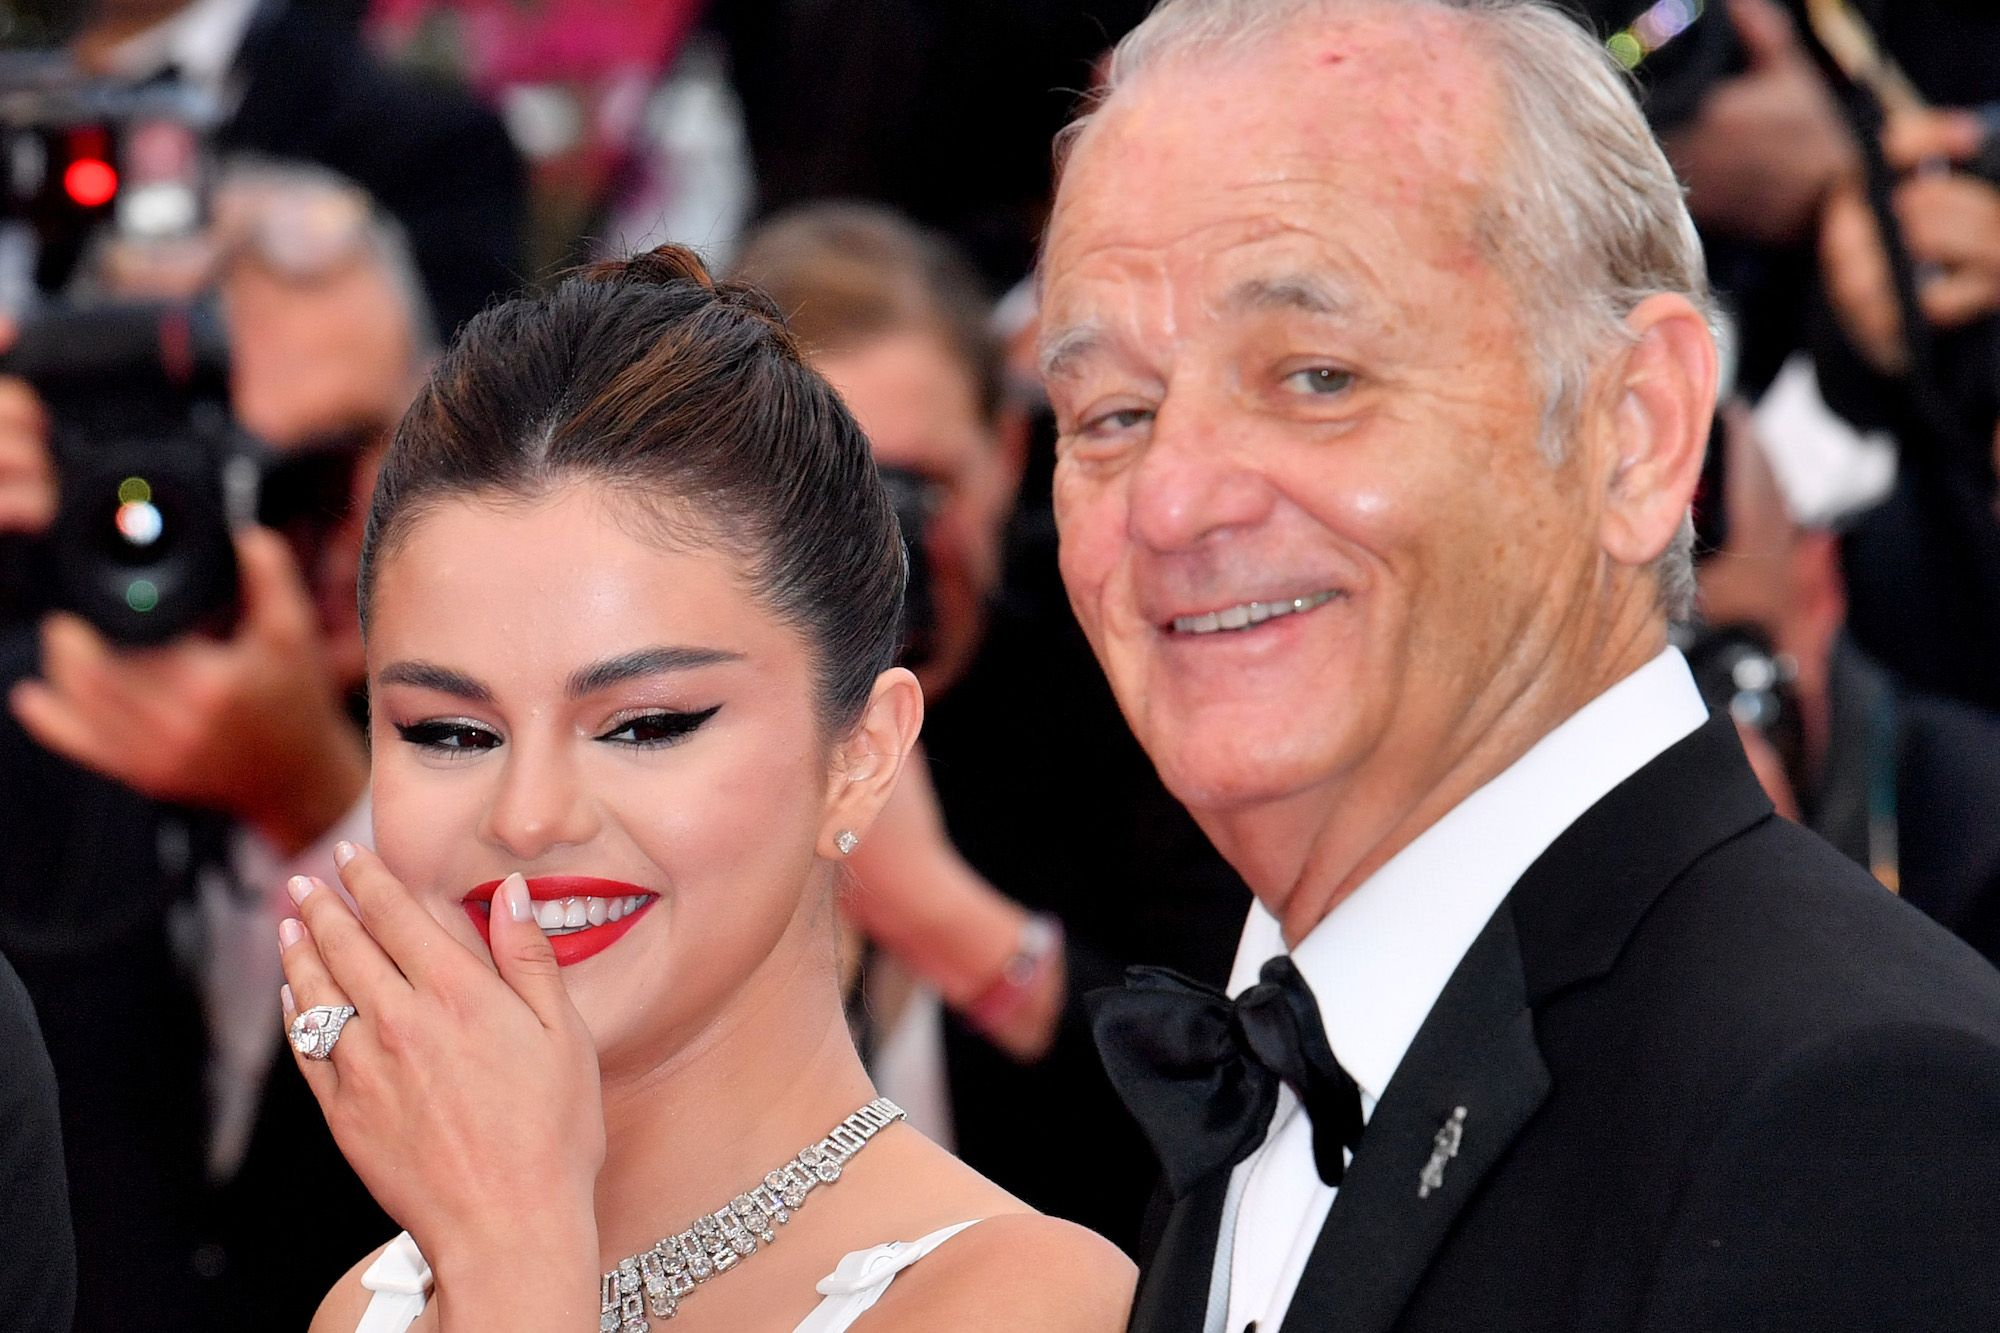 Legenda Bill Murray Akan Berdampingan Dengan Selena Gomez?